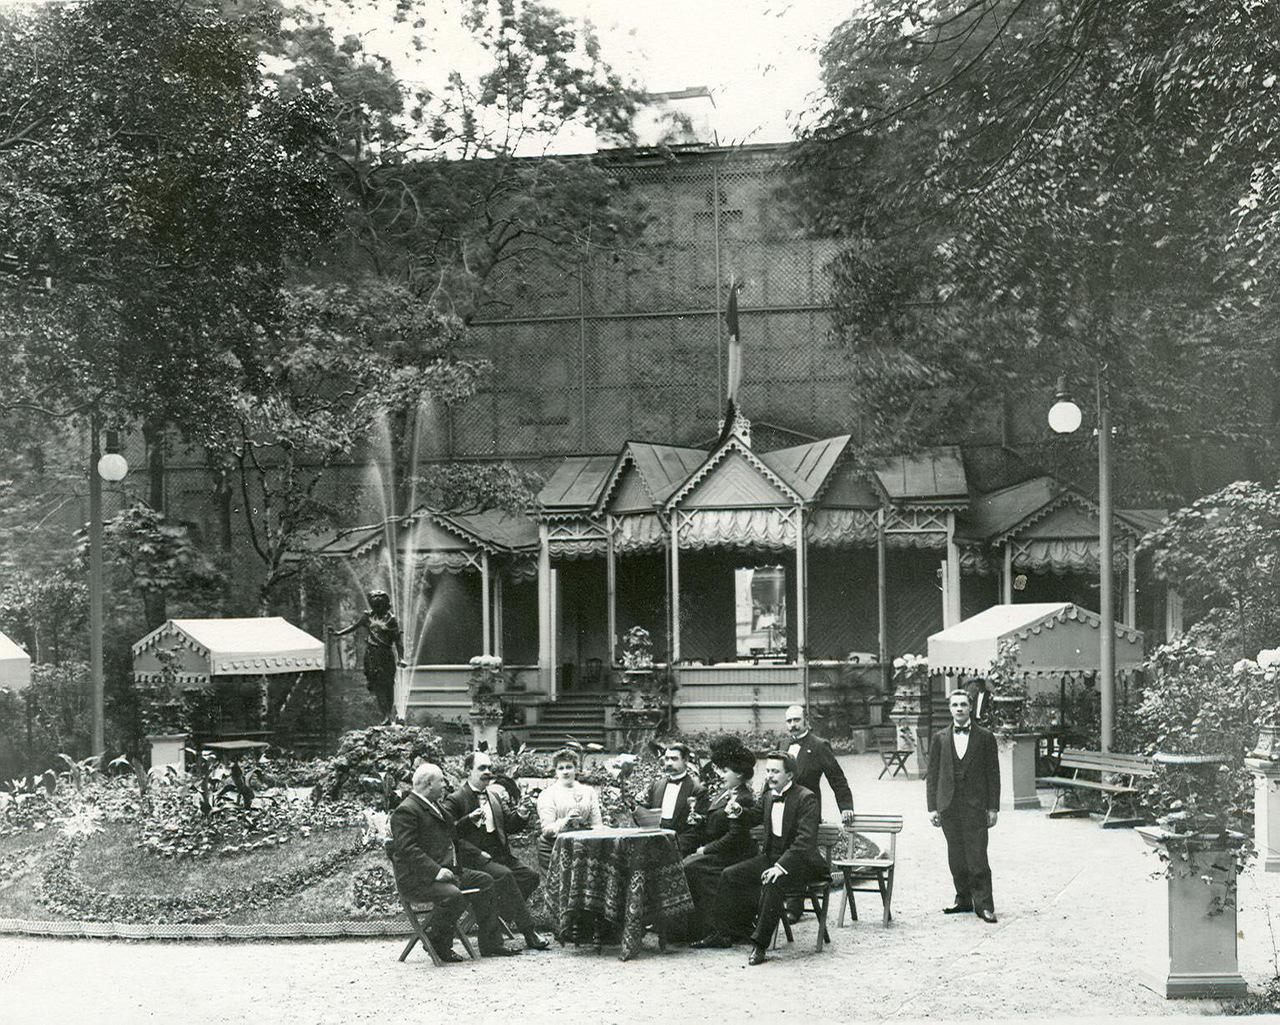 0_ac373_654d081c_XXXLГруппа посетителей за столом в саду ресторана Контан (крайний слева сидит владелец ресторана Альмир Жуэн